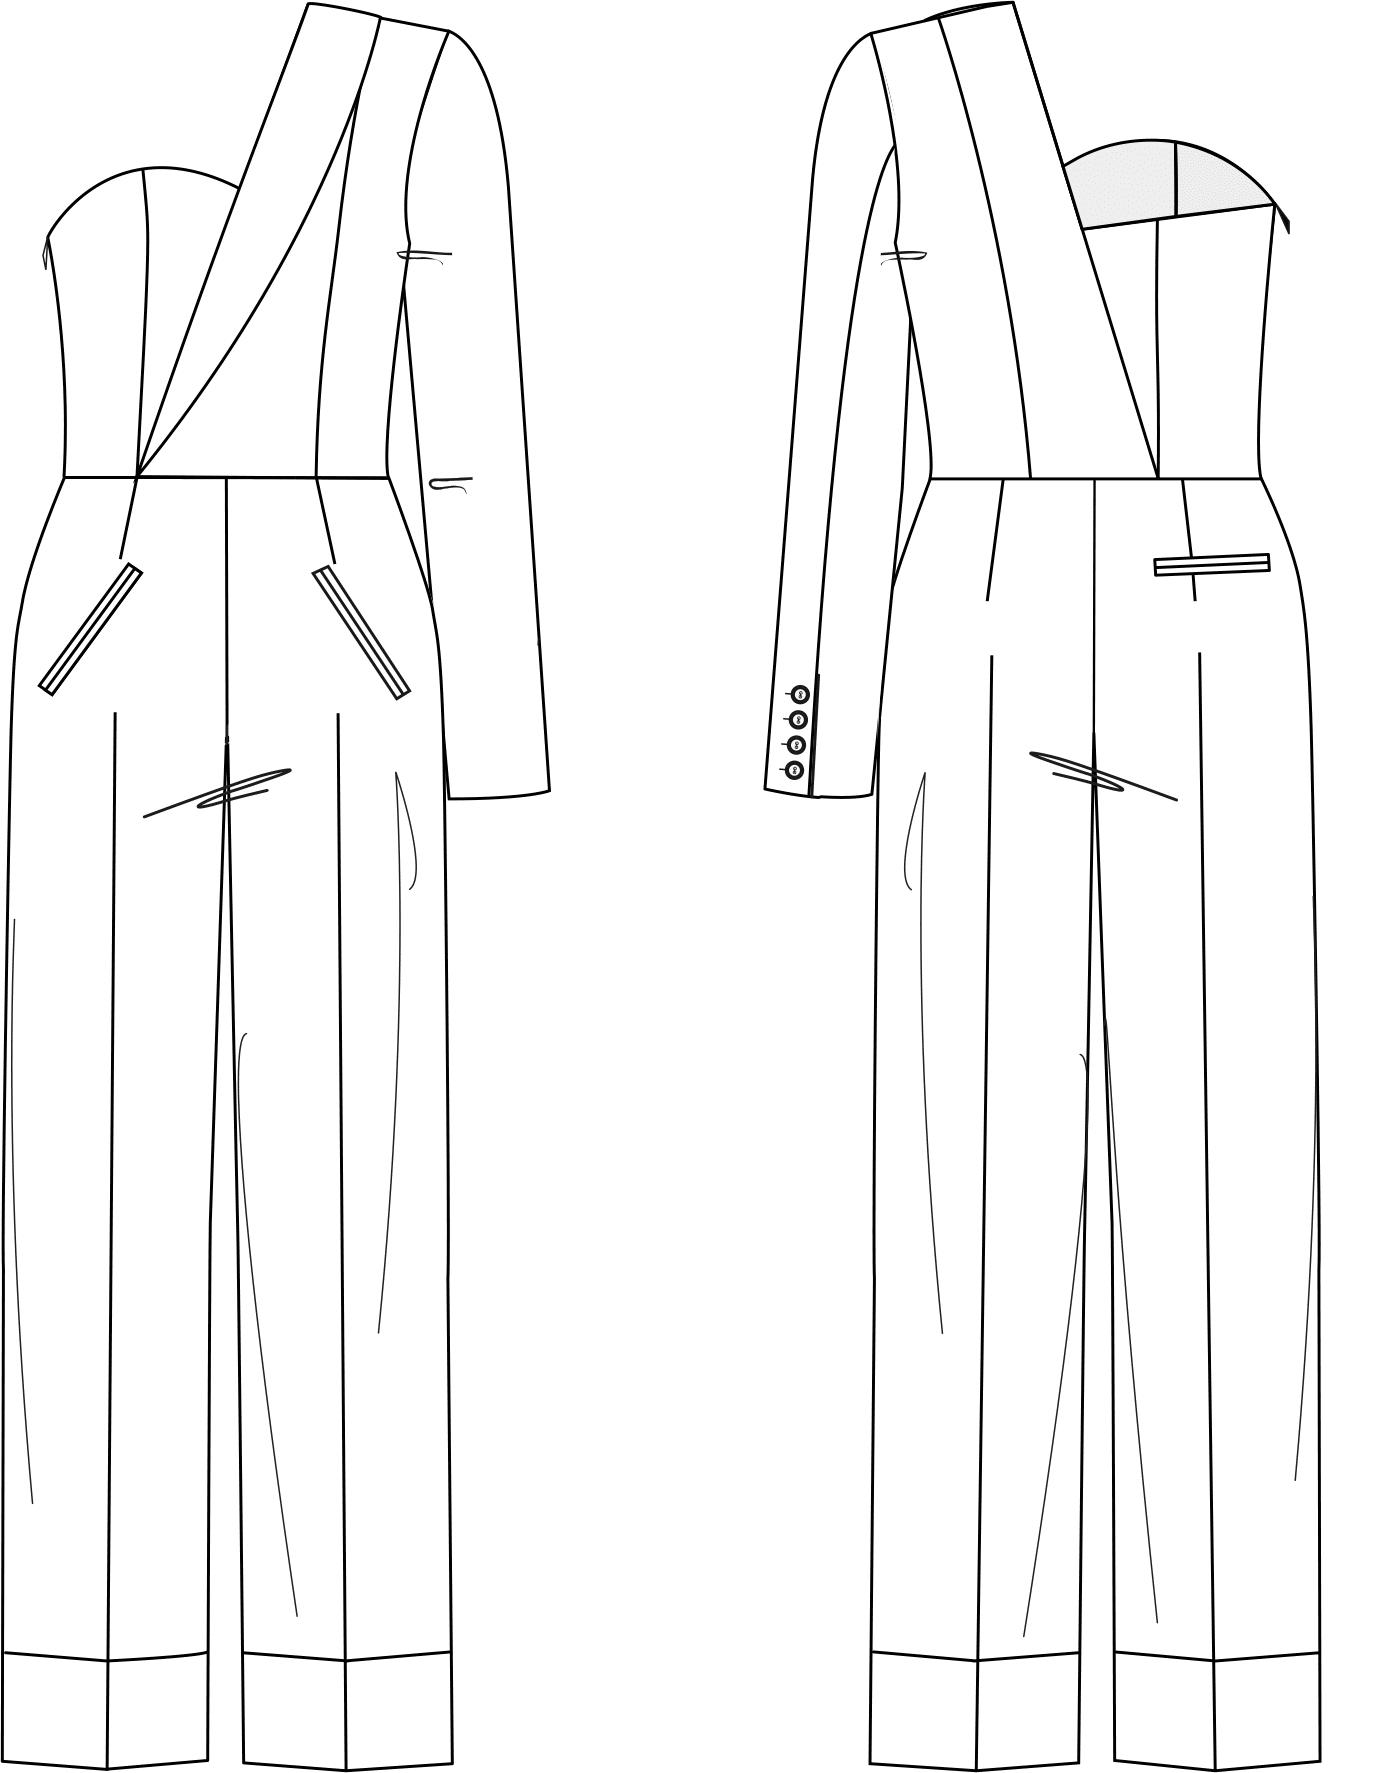 Zu sehen ist die technische Zeichnung der Vorder- und Rückansicht eines Overalls im Off Shoulder Look. Sie dient als Vorlage für die Schnitt-Technik.